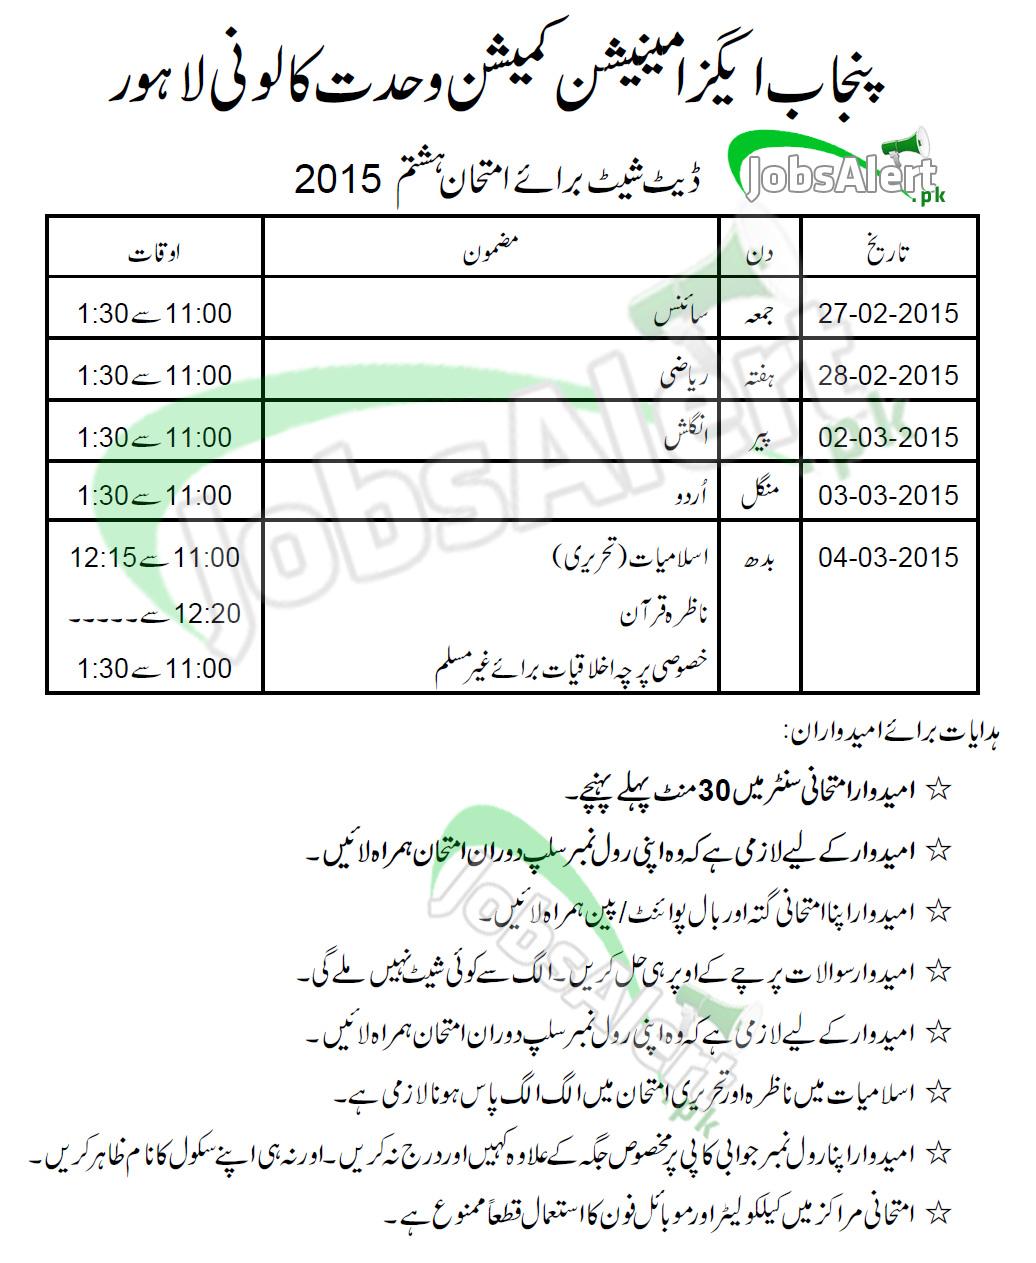 8th Date Sheet Lahore, Faisalabad, Gujranwala, Rawalpindi